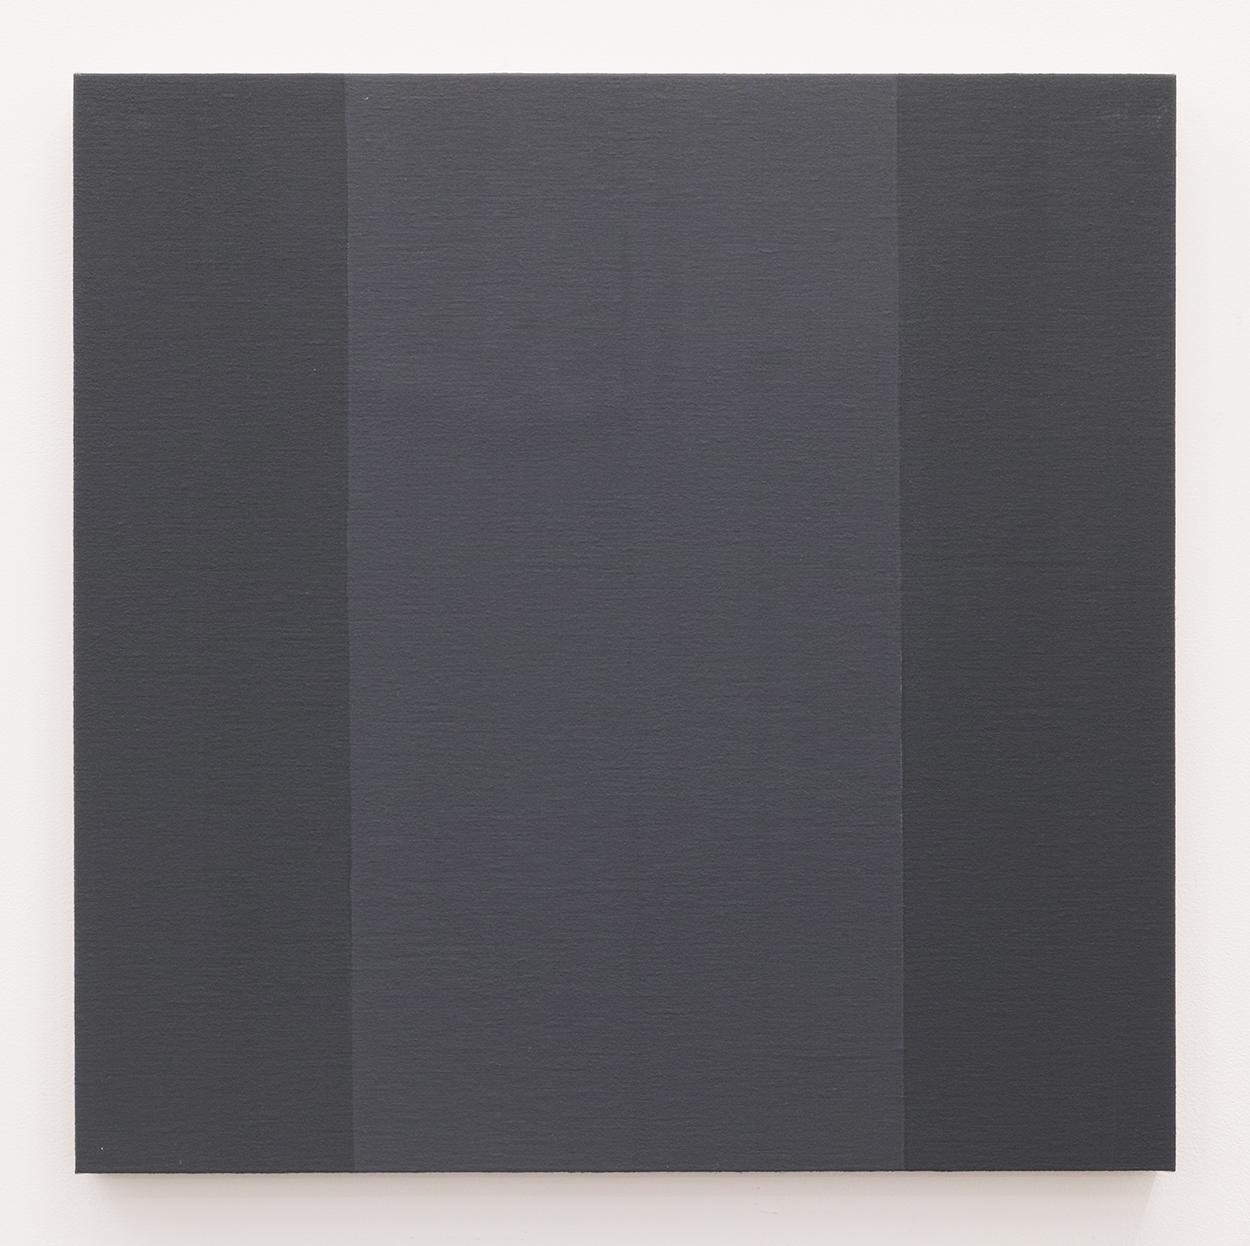 鈴木たかし|TAKSHI SUZUKI<br>TS0901|Gesso on panel|45 x 45 cm|2009